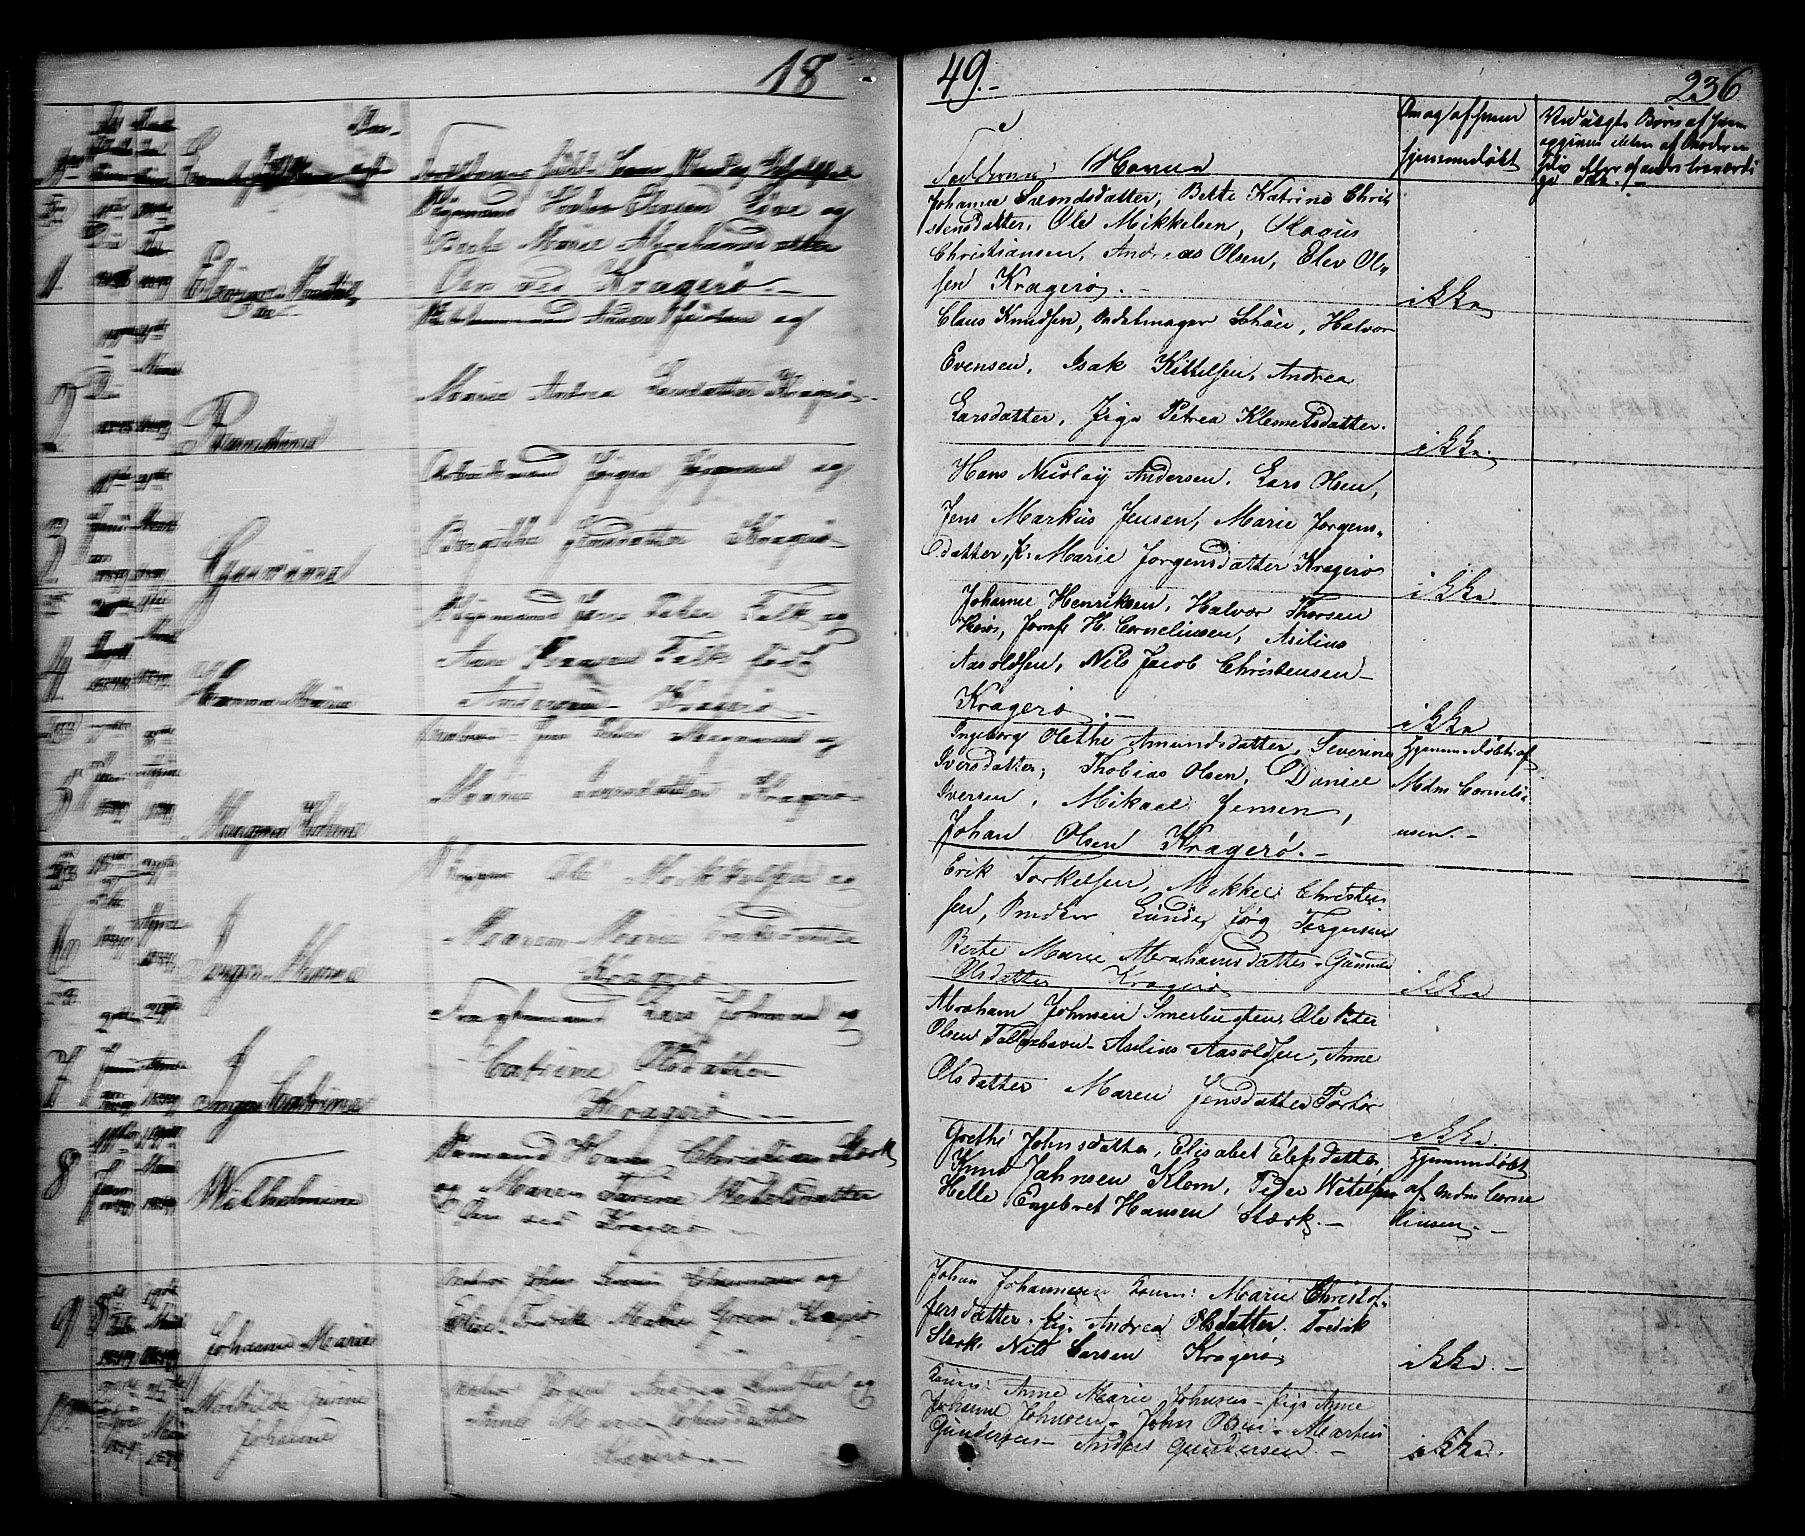 SAKO, Kragerø kirkebøker, G/Ga/L0003: Klokkerbok nr. 3, 1832-1852, s. 236